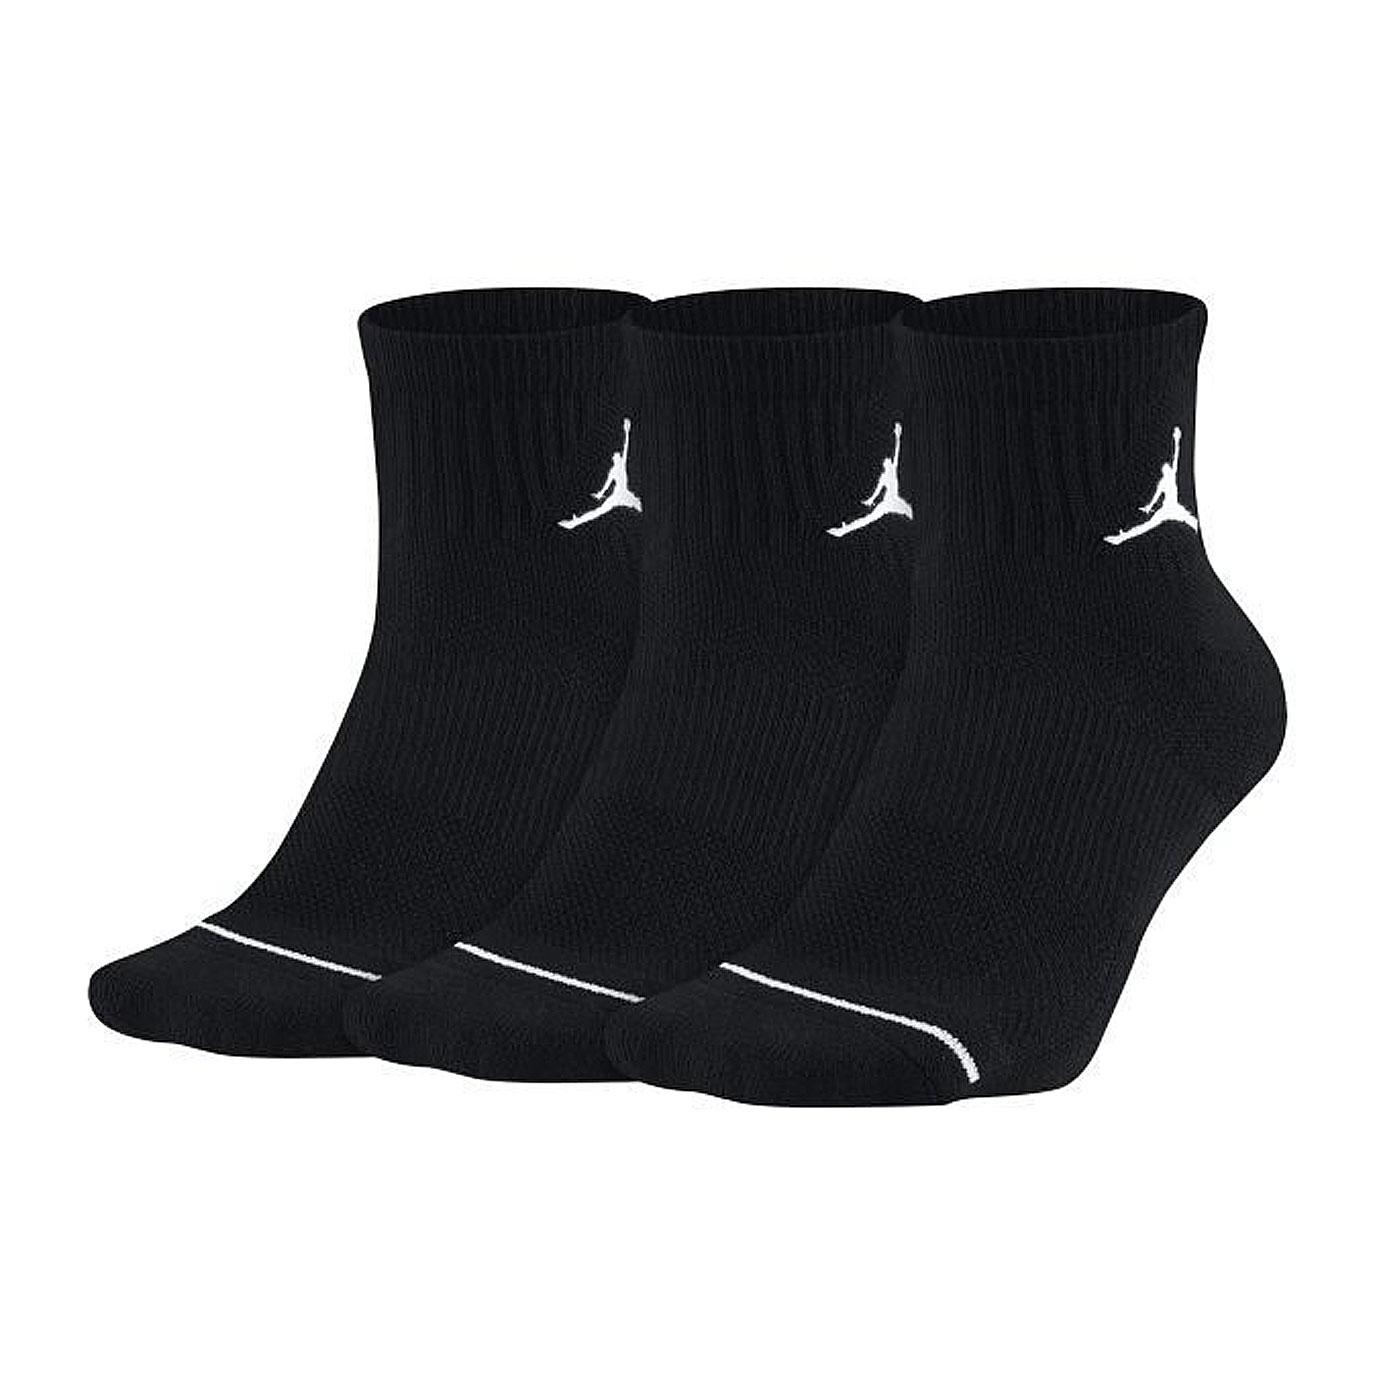 NIKE JUMPMAN籃球襪3PPK SX5544-010 - 黑